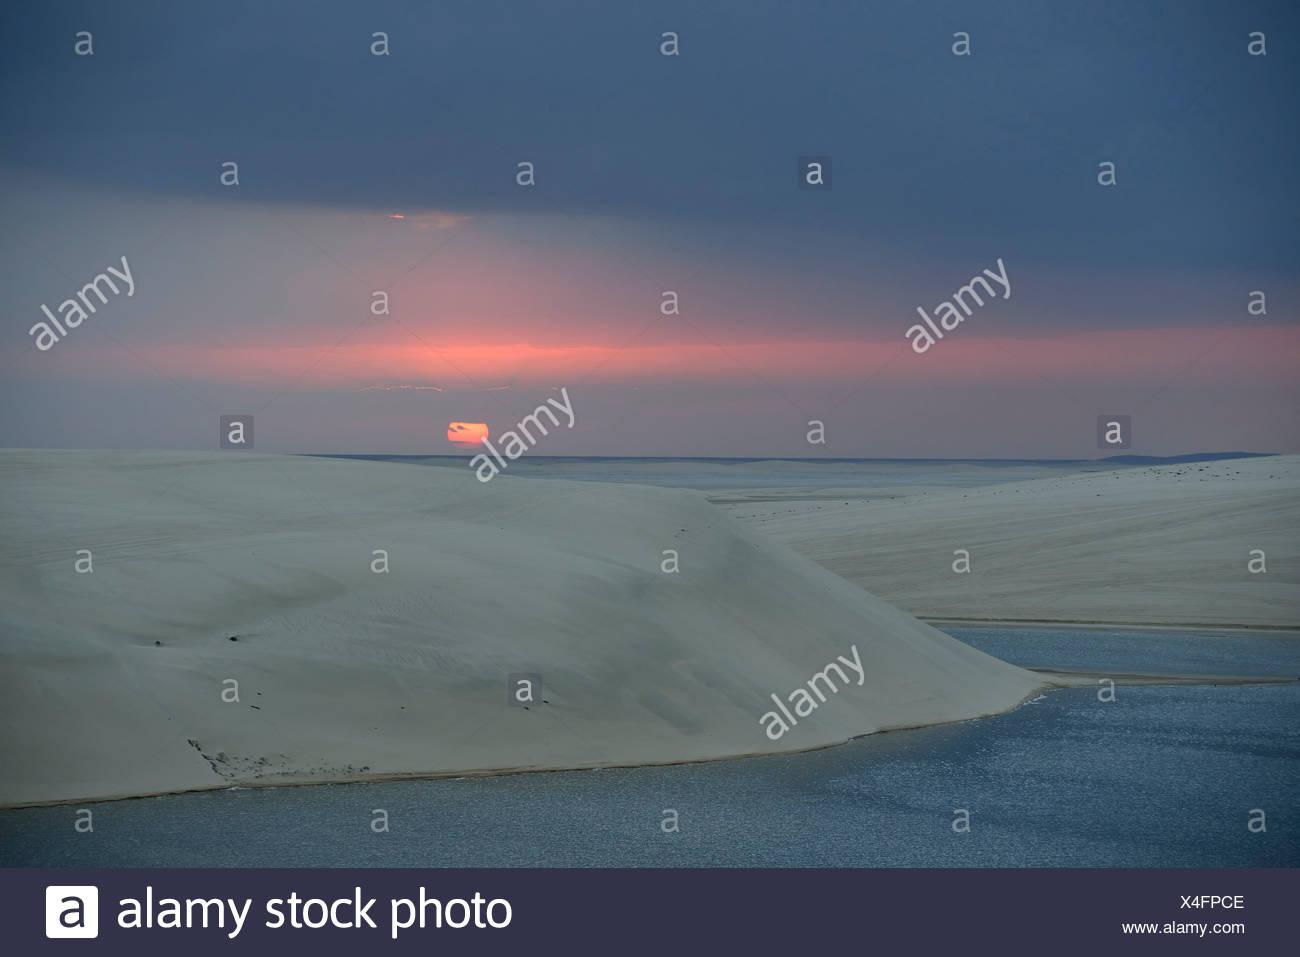 Sunset, Inland Sea, desert miracle of Qatar, Khor Al Udeid Beach, auch Khor El Deid, Inland Sea, Wüstenwunder von Katar, Qatar - Stock Image